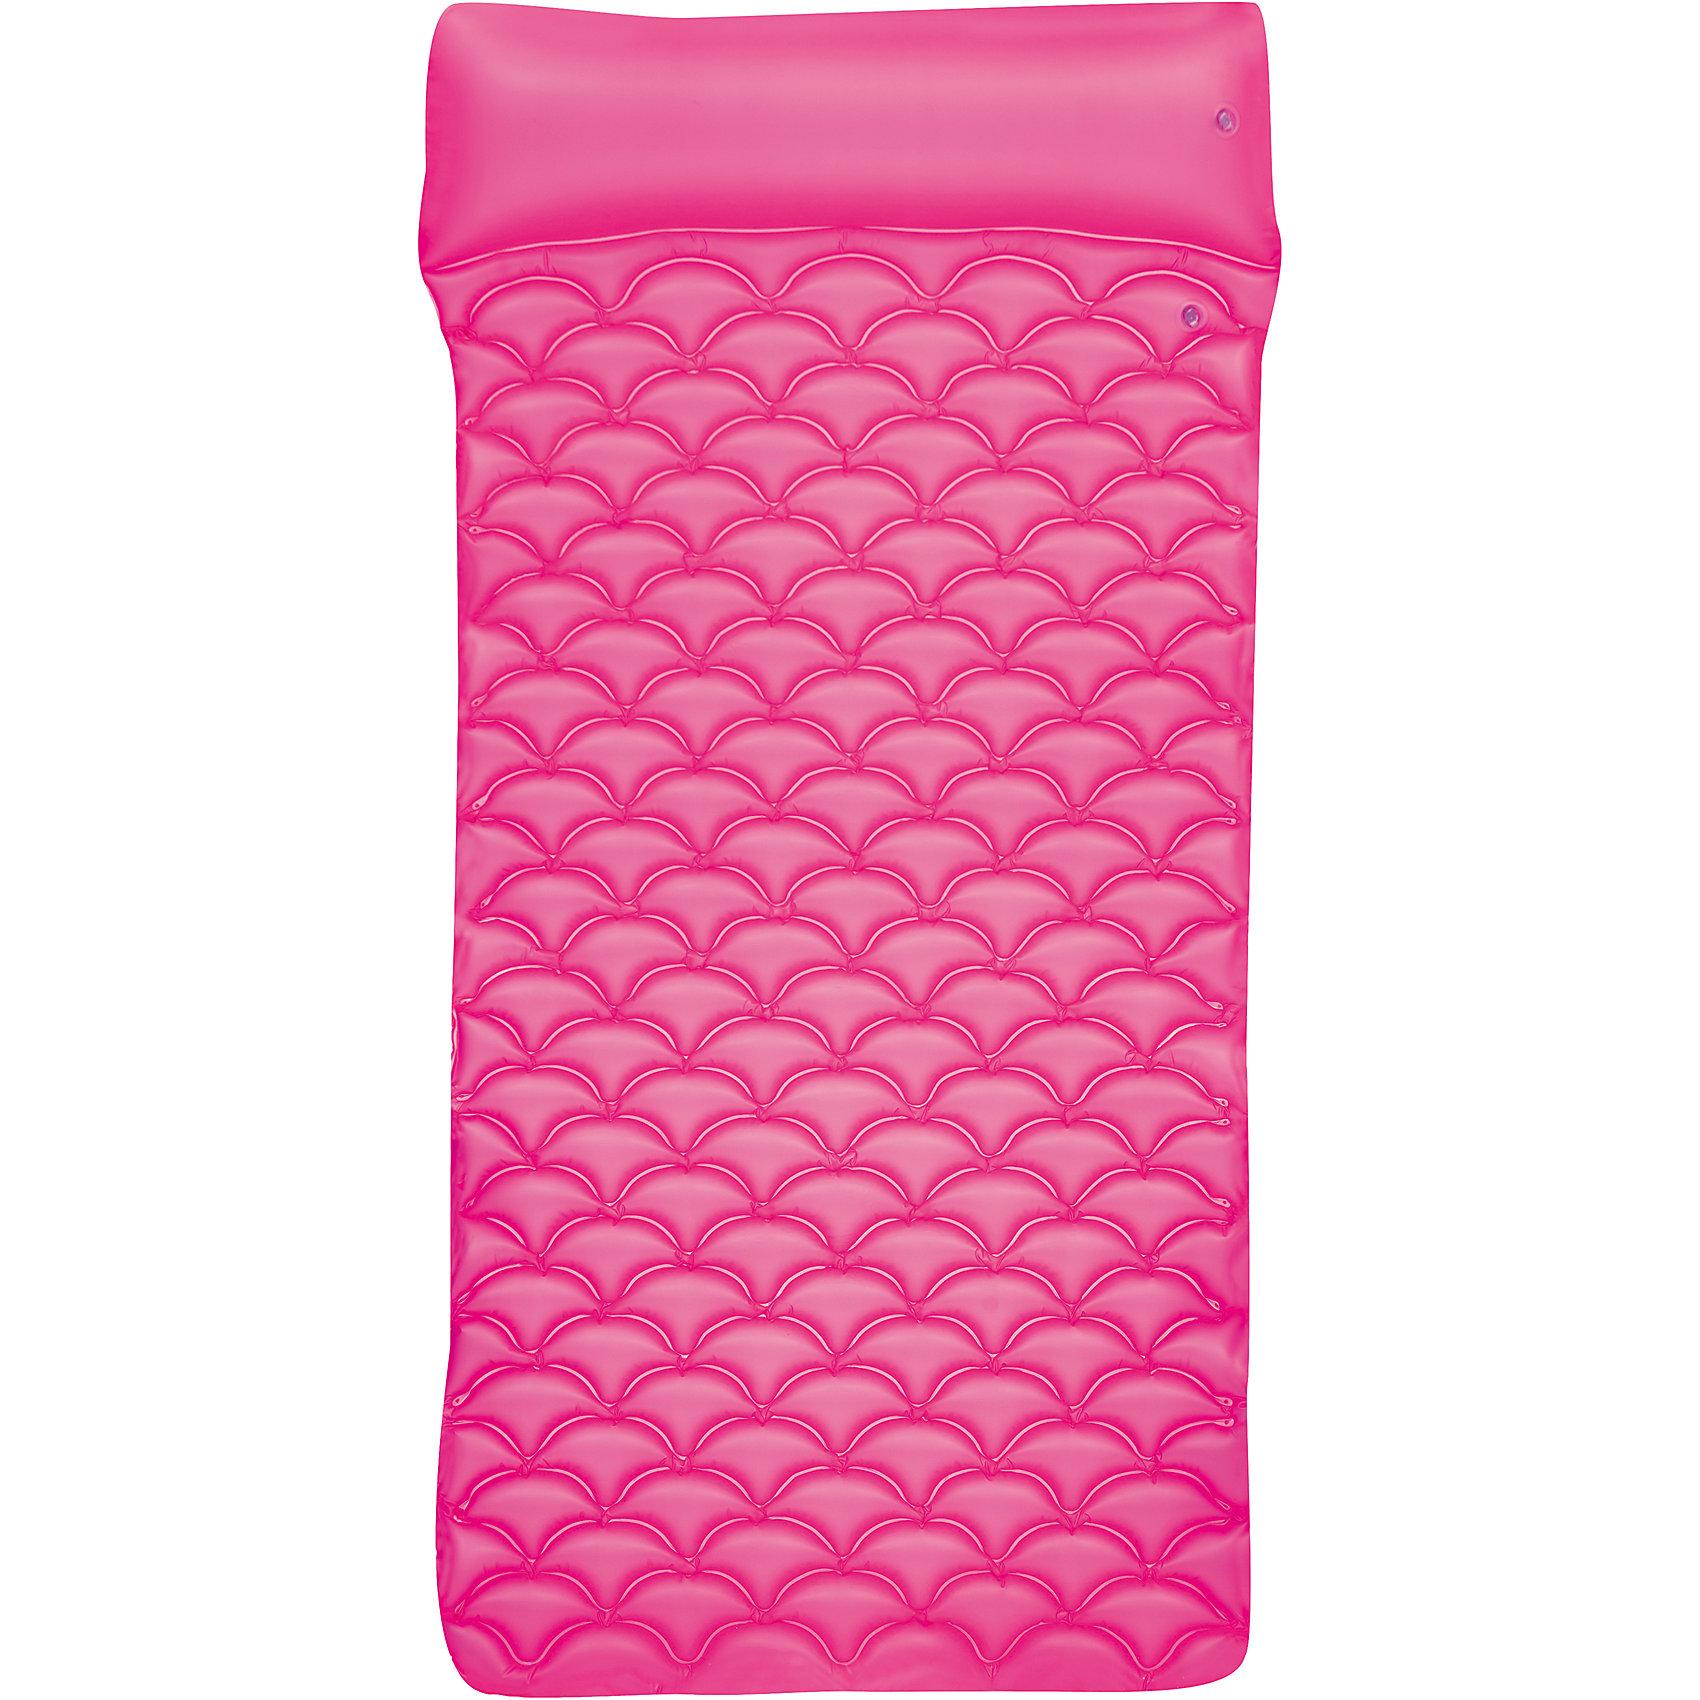 Матрас для плавания гибкий, 213х86 см, розовый, BestwayМатрас для плавания гибкий, 213х86 см, розовый, Bestway (Бествей)<br><br>Характеристики:<br><br>• яркий дизайн<br>• объемный подголовник<br>• максимальная нагрузка - 90 кг<br>• размер матраса: 213х86х15 см<br>• цвет: розовый<br>• материал: ПВХ<br>• вес: 1 кг<br><br>На ярком удобном матрасе вы всегда сможете отдохнуть с комфортом на суше или на воде. Матрас имеет очень привлекательный дизайн, оснащен удобным подголовником. Матрас выдерживает нагрузку до 90 килограммов. Размер матраса - 213х86 сантиметров.<br><br>Матрас для плавания гибкий, 213х86 см, розовый, Bestway (Бествей) можно купить в нашем интернет-магазине.<br><br>Ширина мм: 570<br>Глубина мм: 200<br>Высота мм: 270<br>Вес г: 999<br>Возраст от месяцев: 36<br>Возраст до месяцев: 2147483647<br>Пол: Женский<br>Возраст: Детский<br>SKU: 5486894